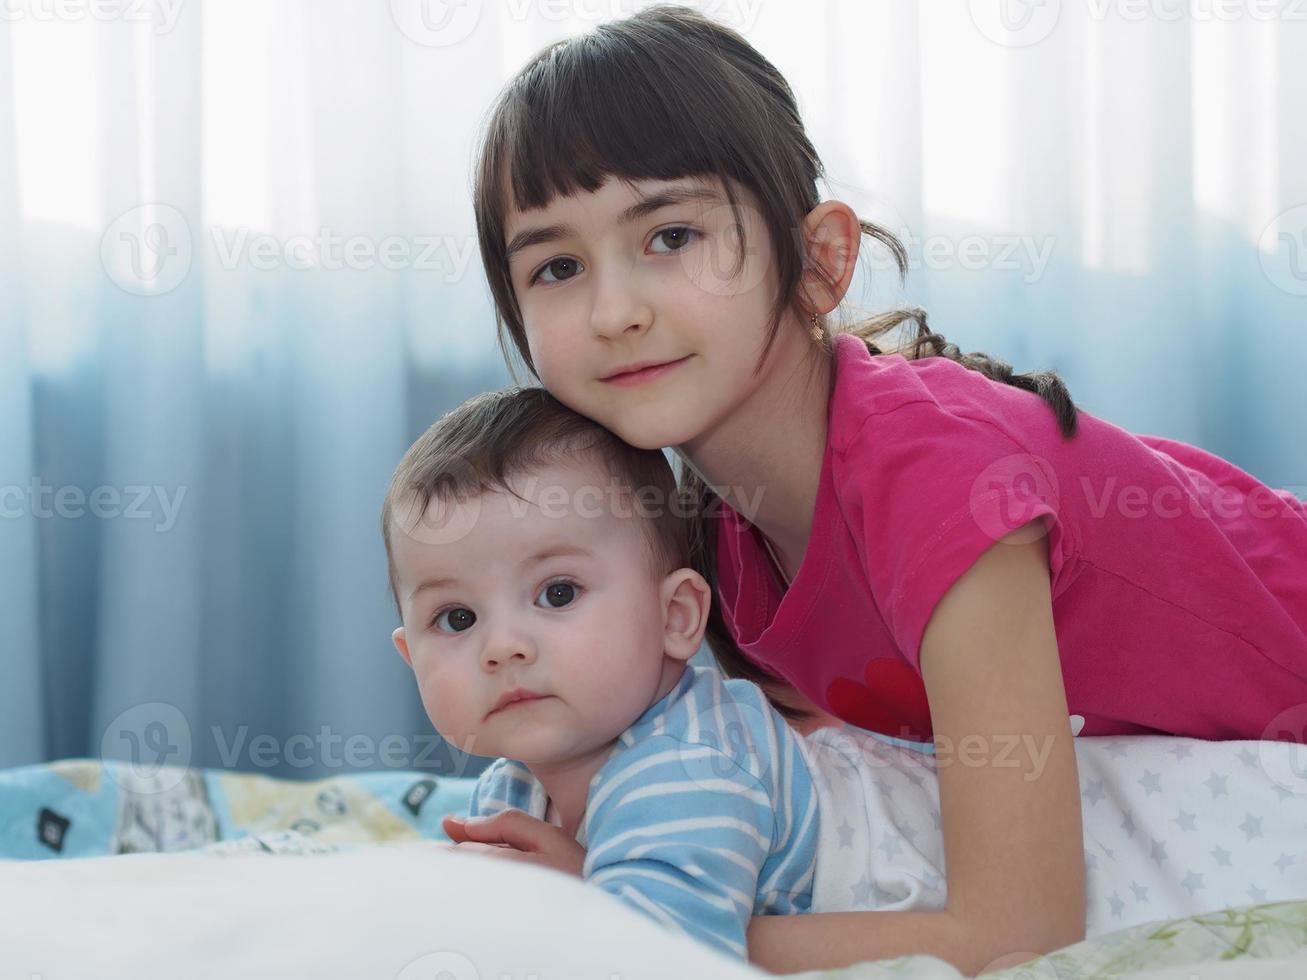 Retrato de niños caucásicos jugando en casa foto